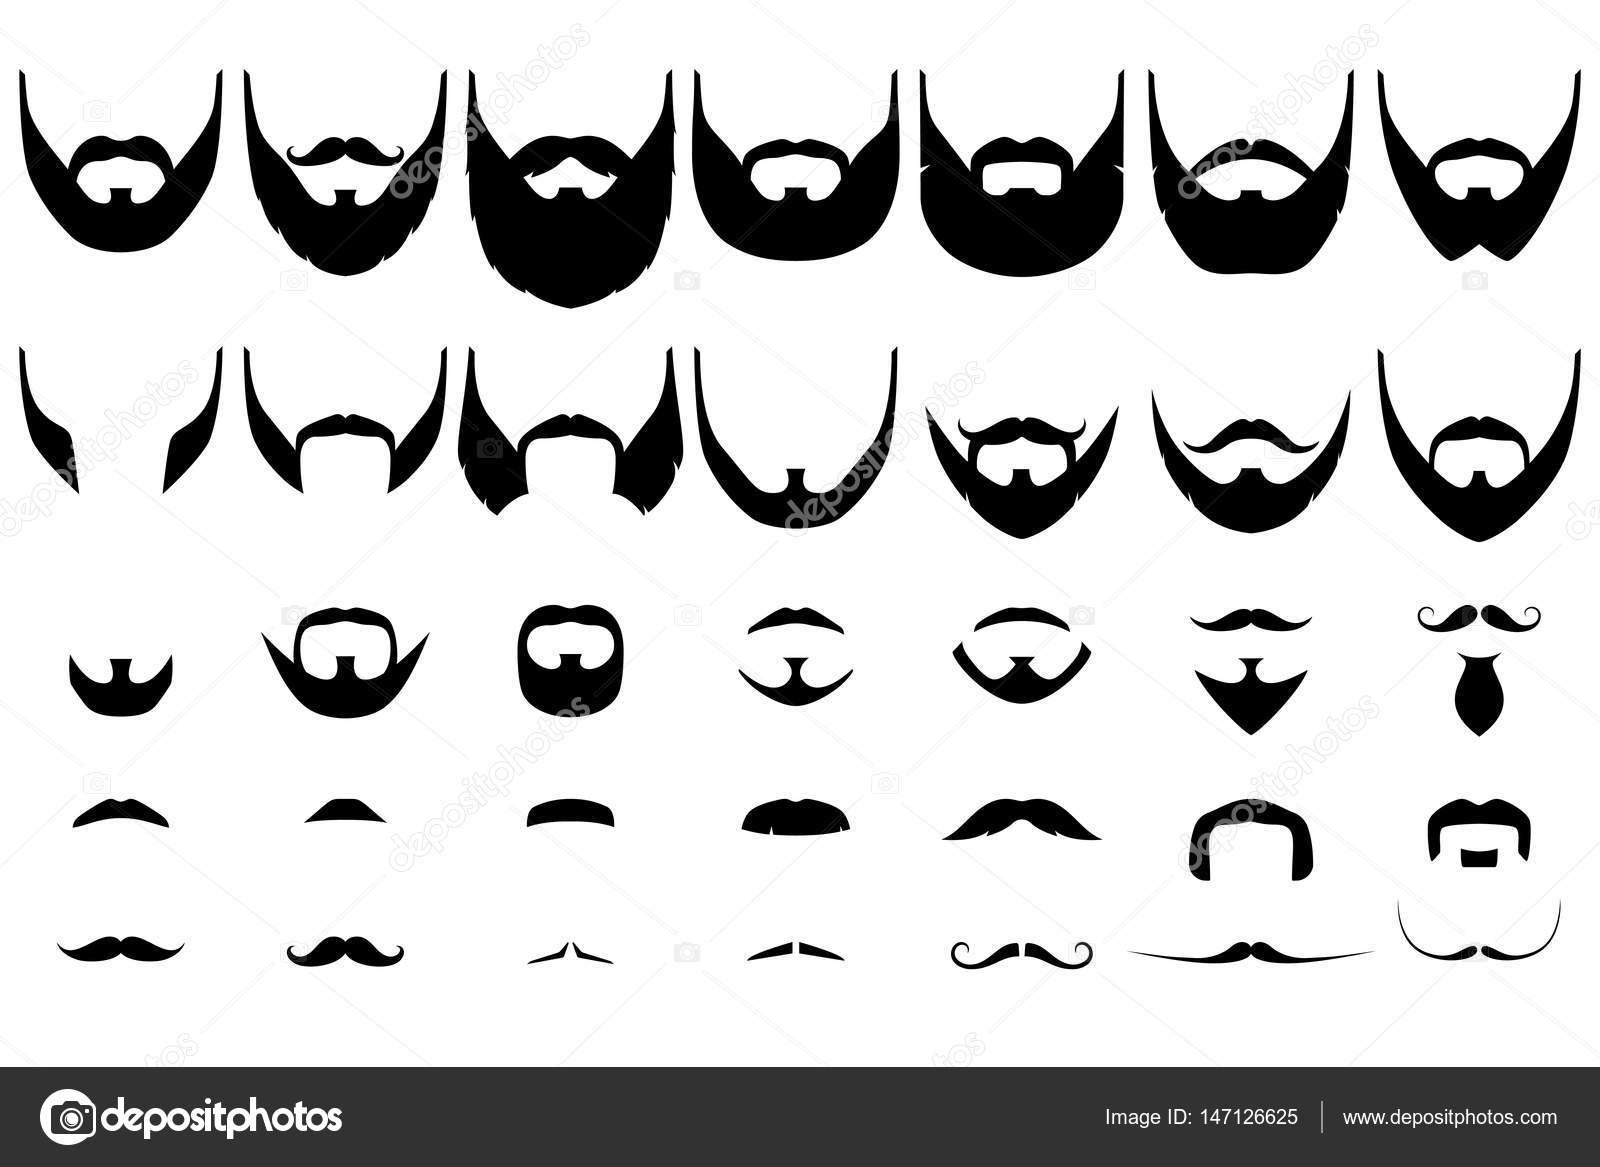 les styles de barbes affordable cheap affordable style de